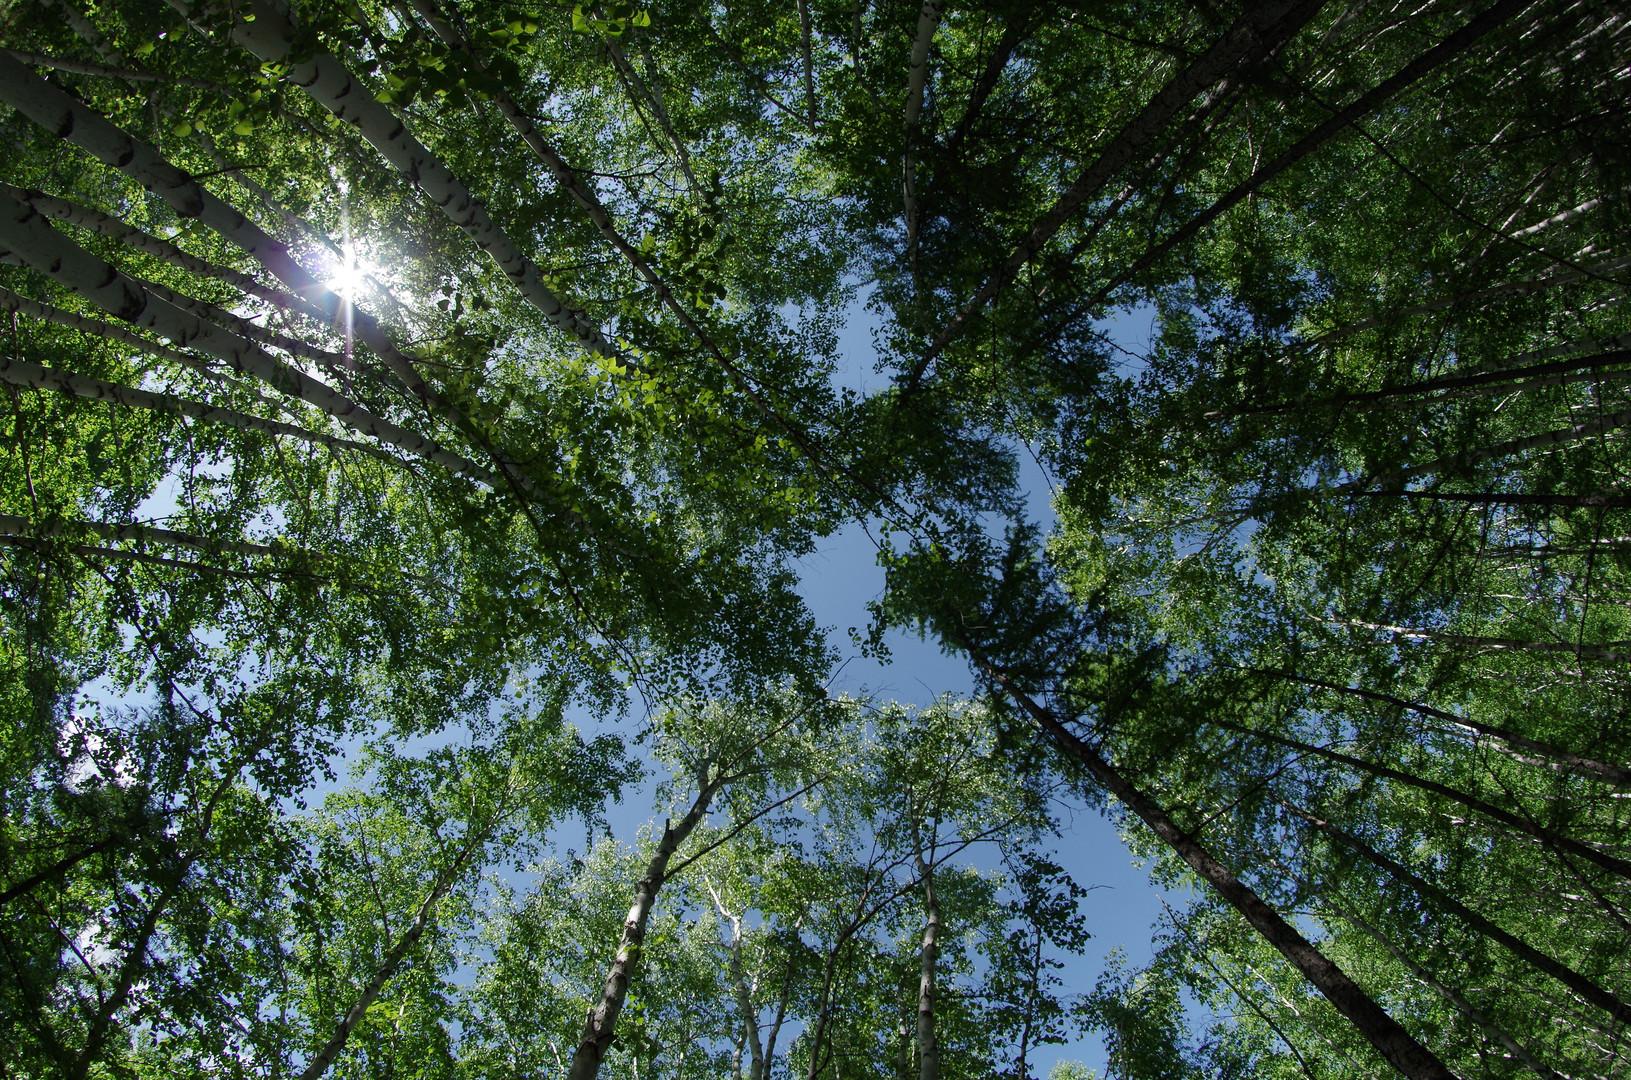 Man sieht den Baum vor lauter Wald nicht